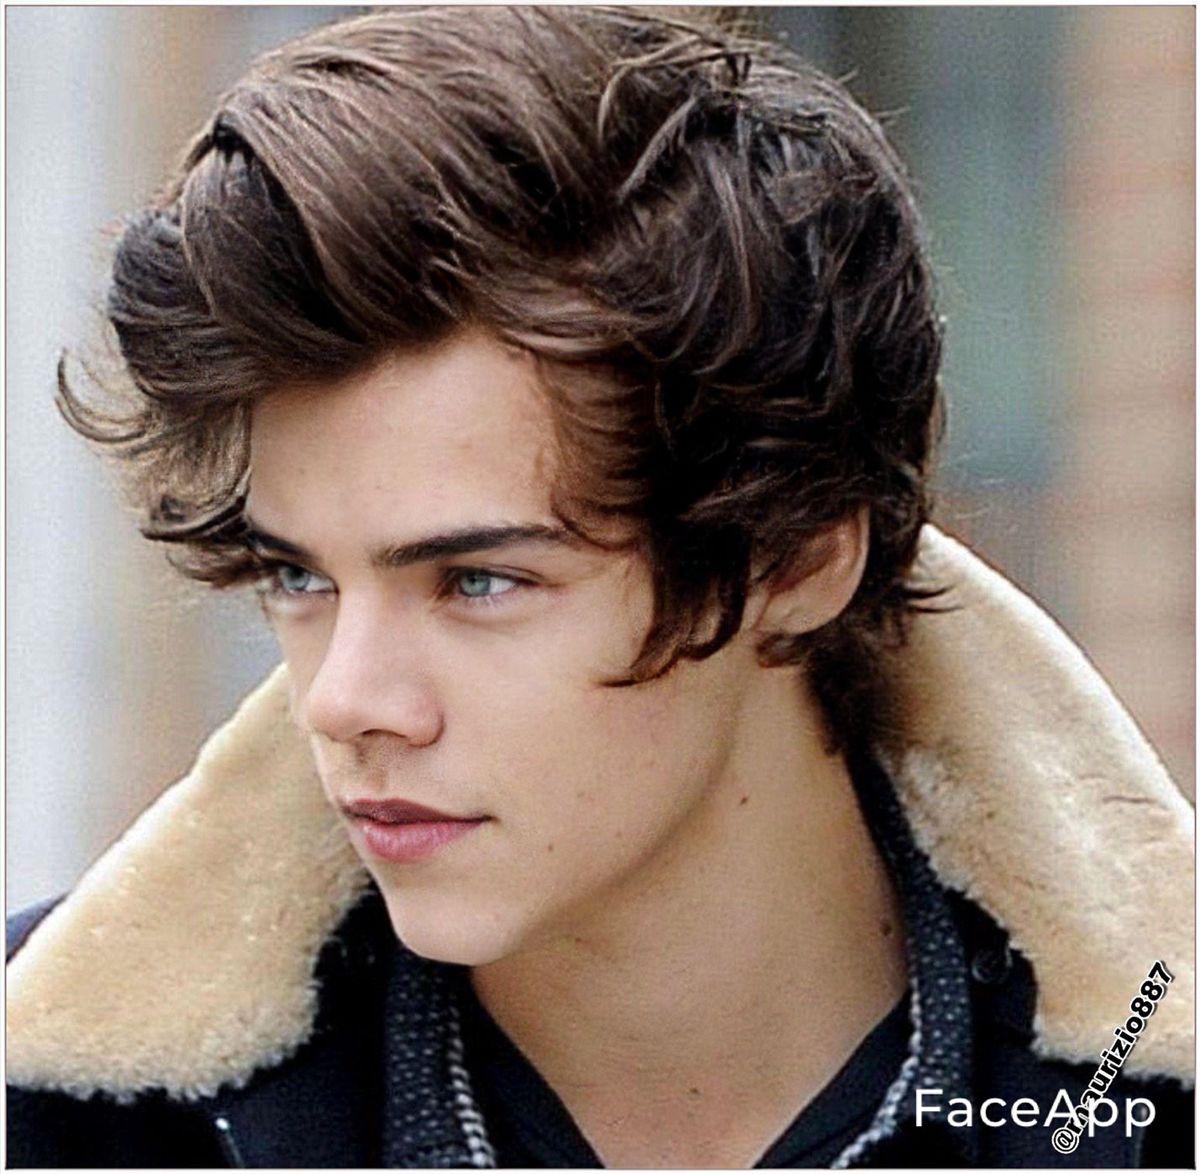 Pin By Allison On Harry Styles In 2020 Harry Styles Hair Harry Styles Photoshoot Harry Styles 2013